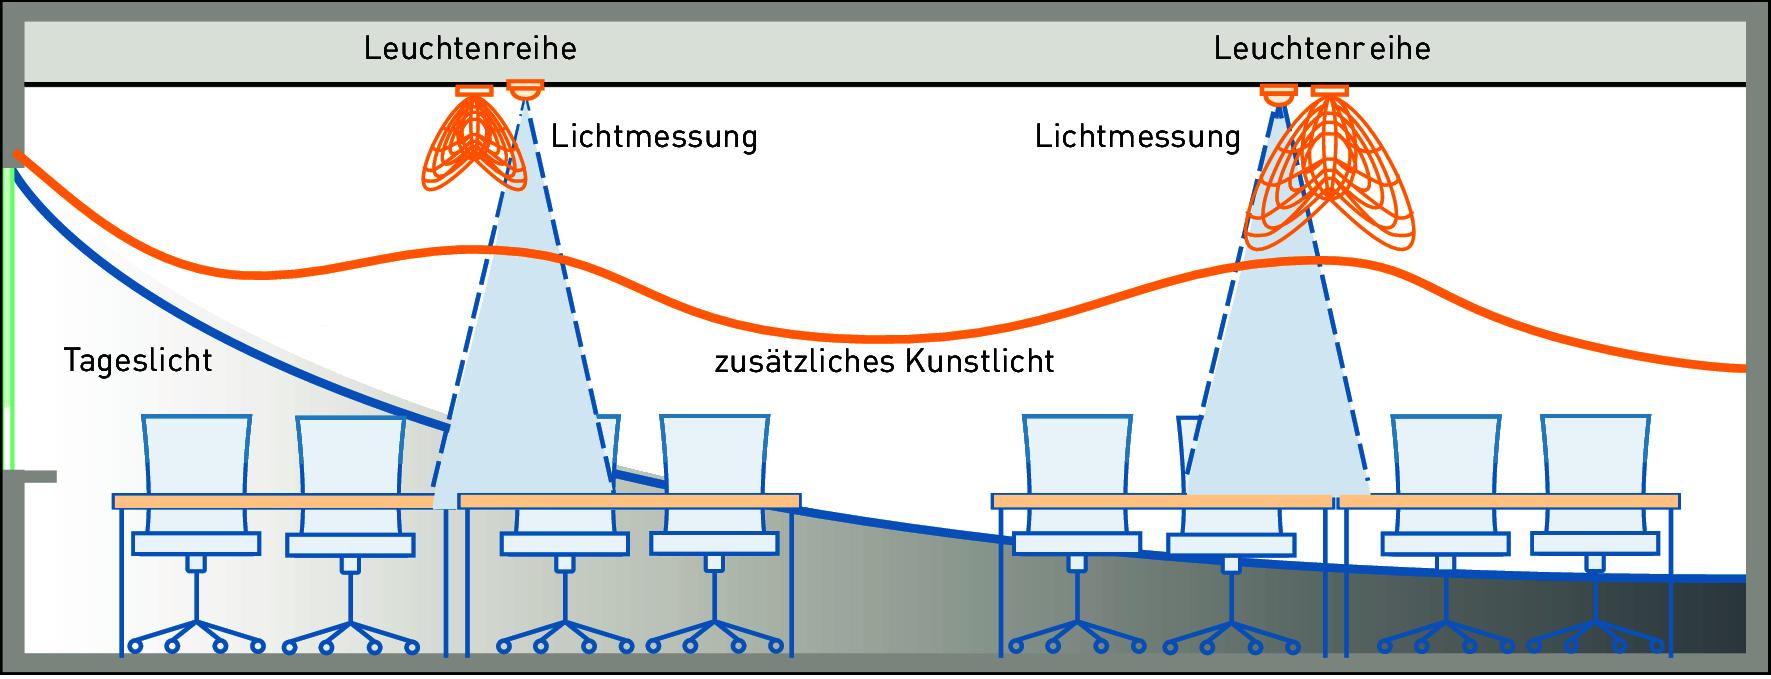 Atemberaubend Typischer Hausschaltplan Bilder - Der Schaltplan ...